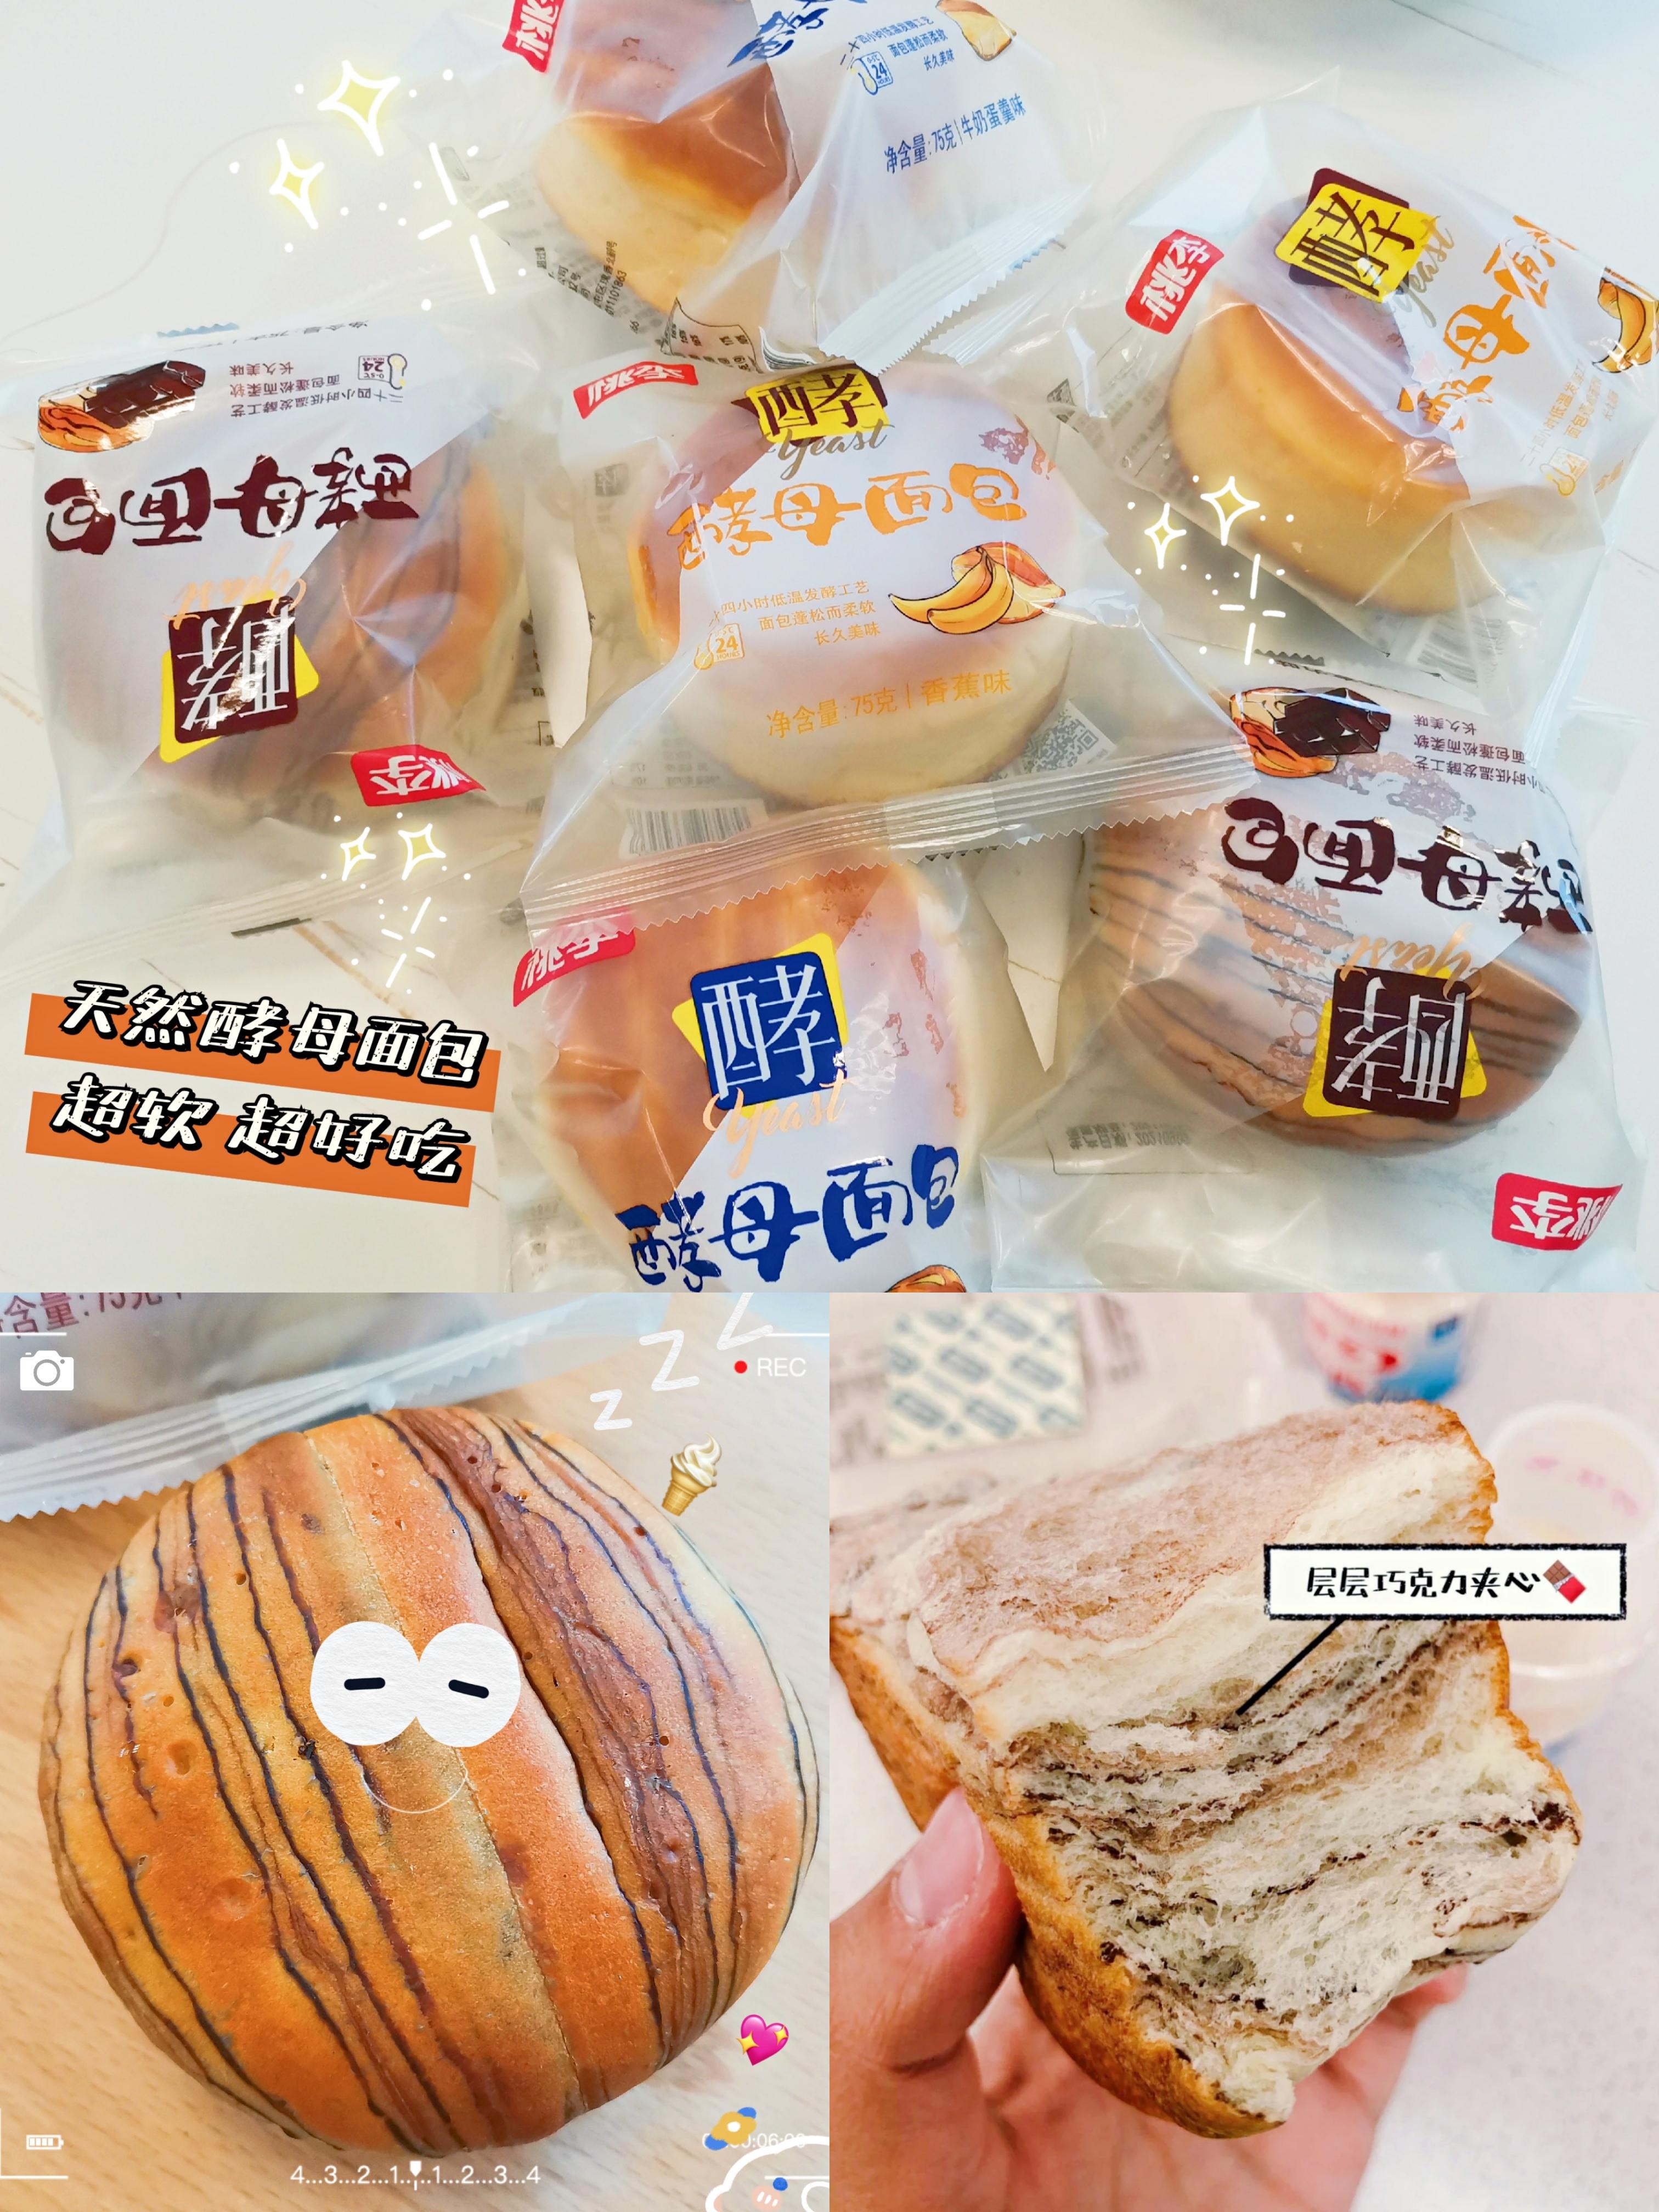 多口味可选!桃李天然酵母面包价格/优惠_券后24.8元包邮